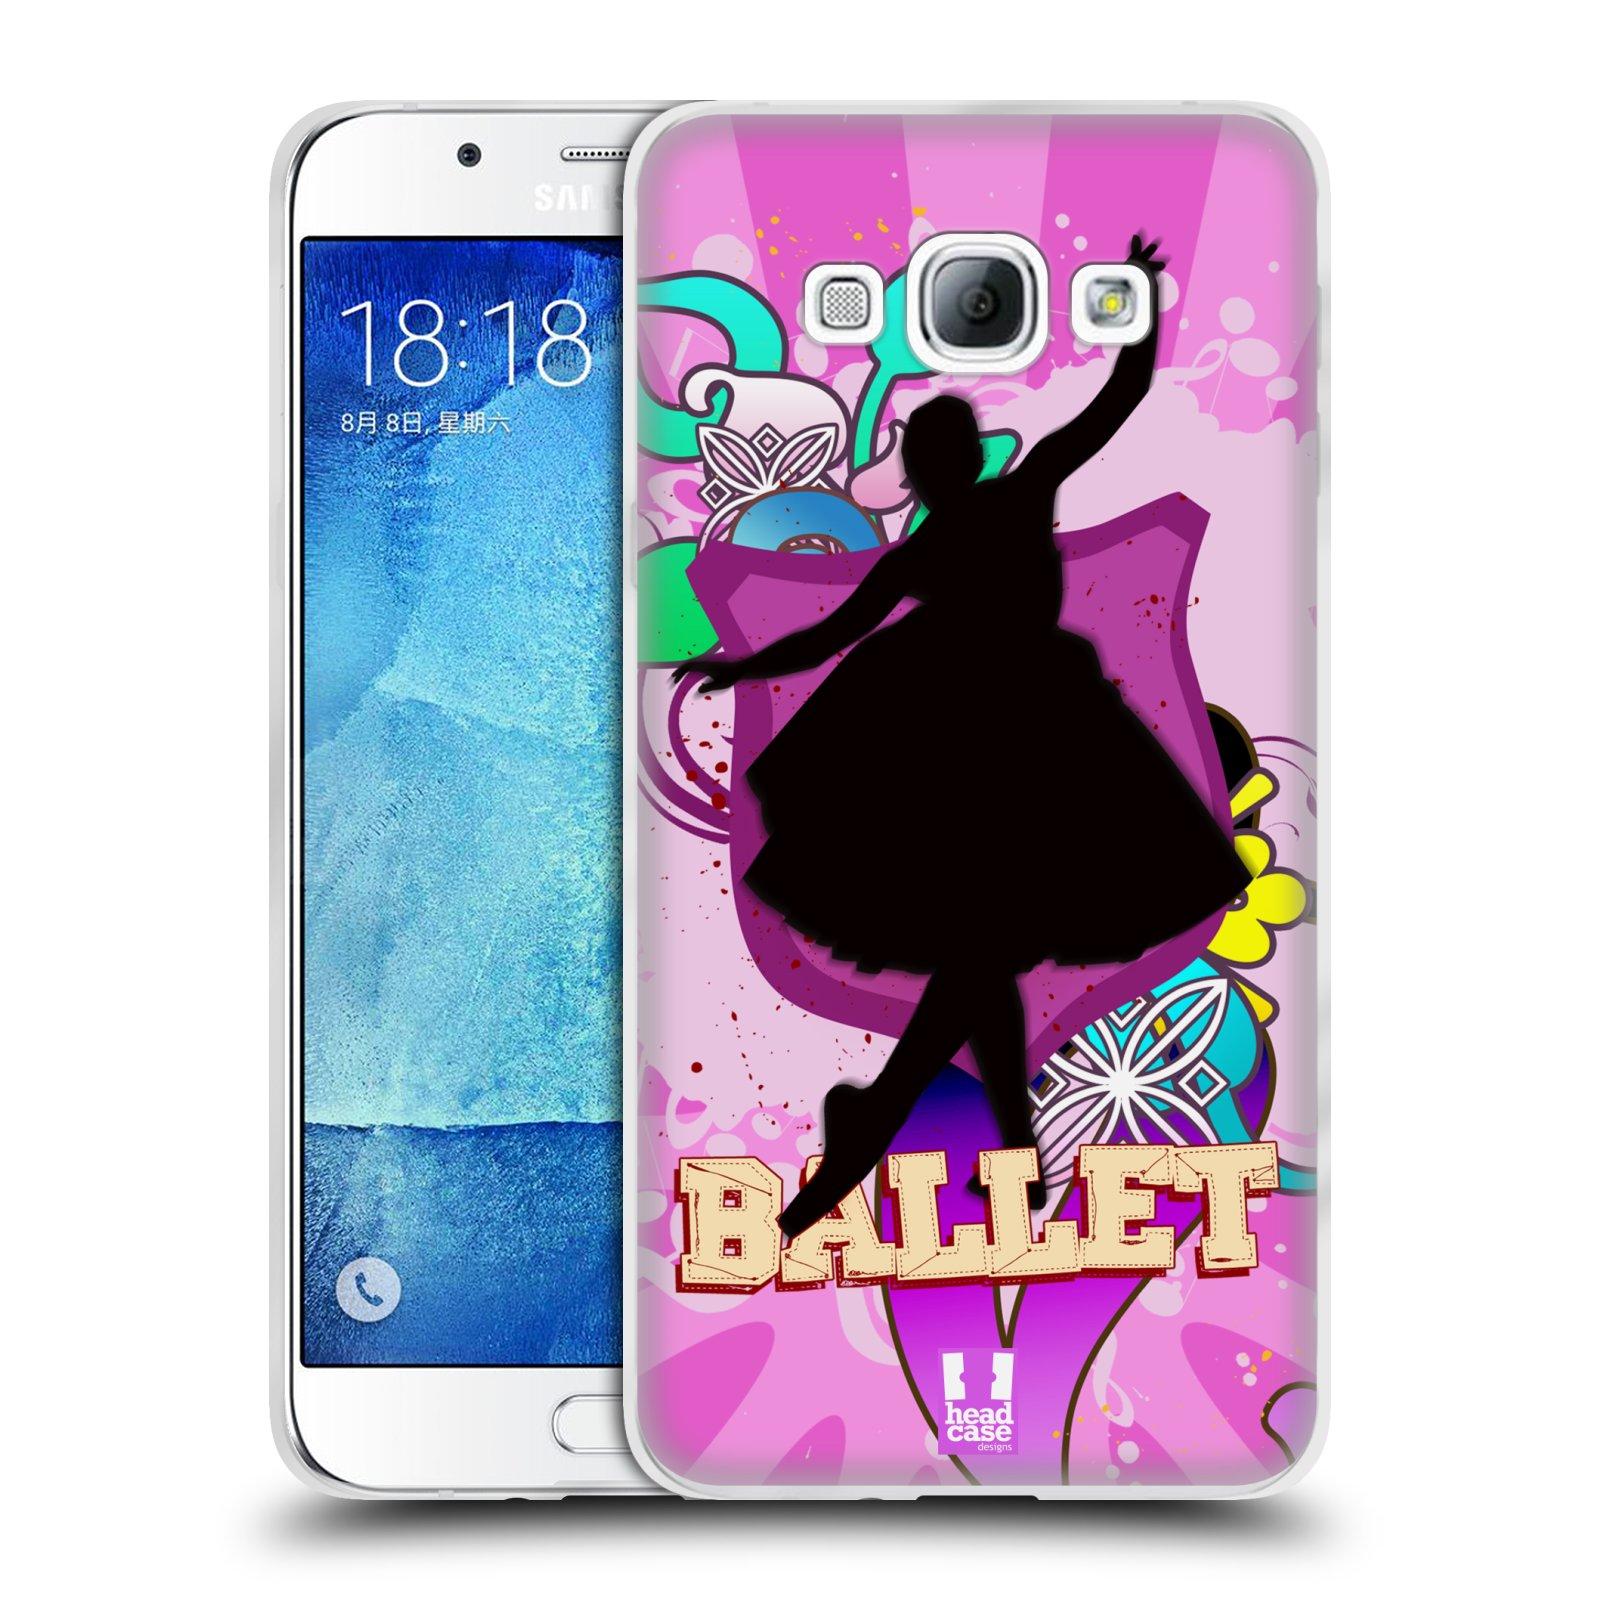 HEAD CASE silikonový obal na mobil Samsung Galaxy A8 vzor TANEC SILUETA BALET FIALOVÁ